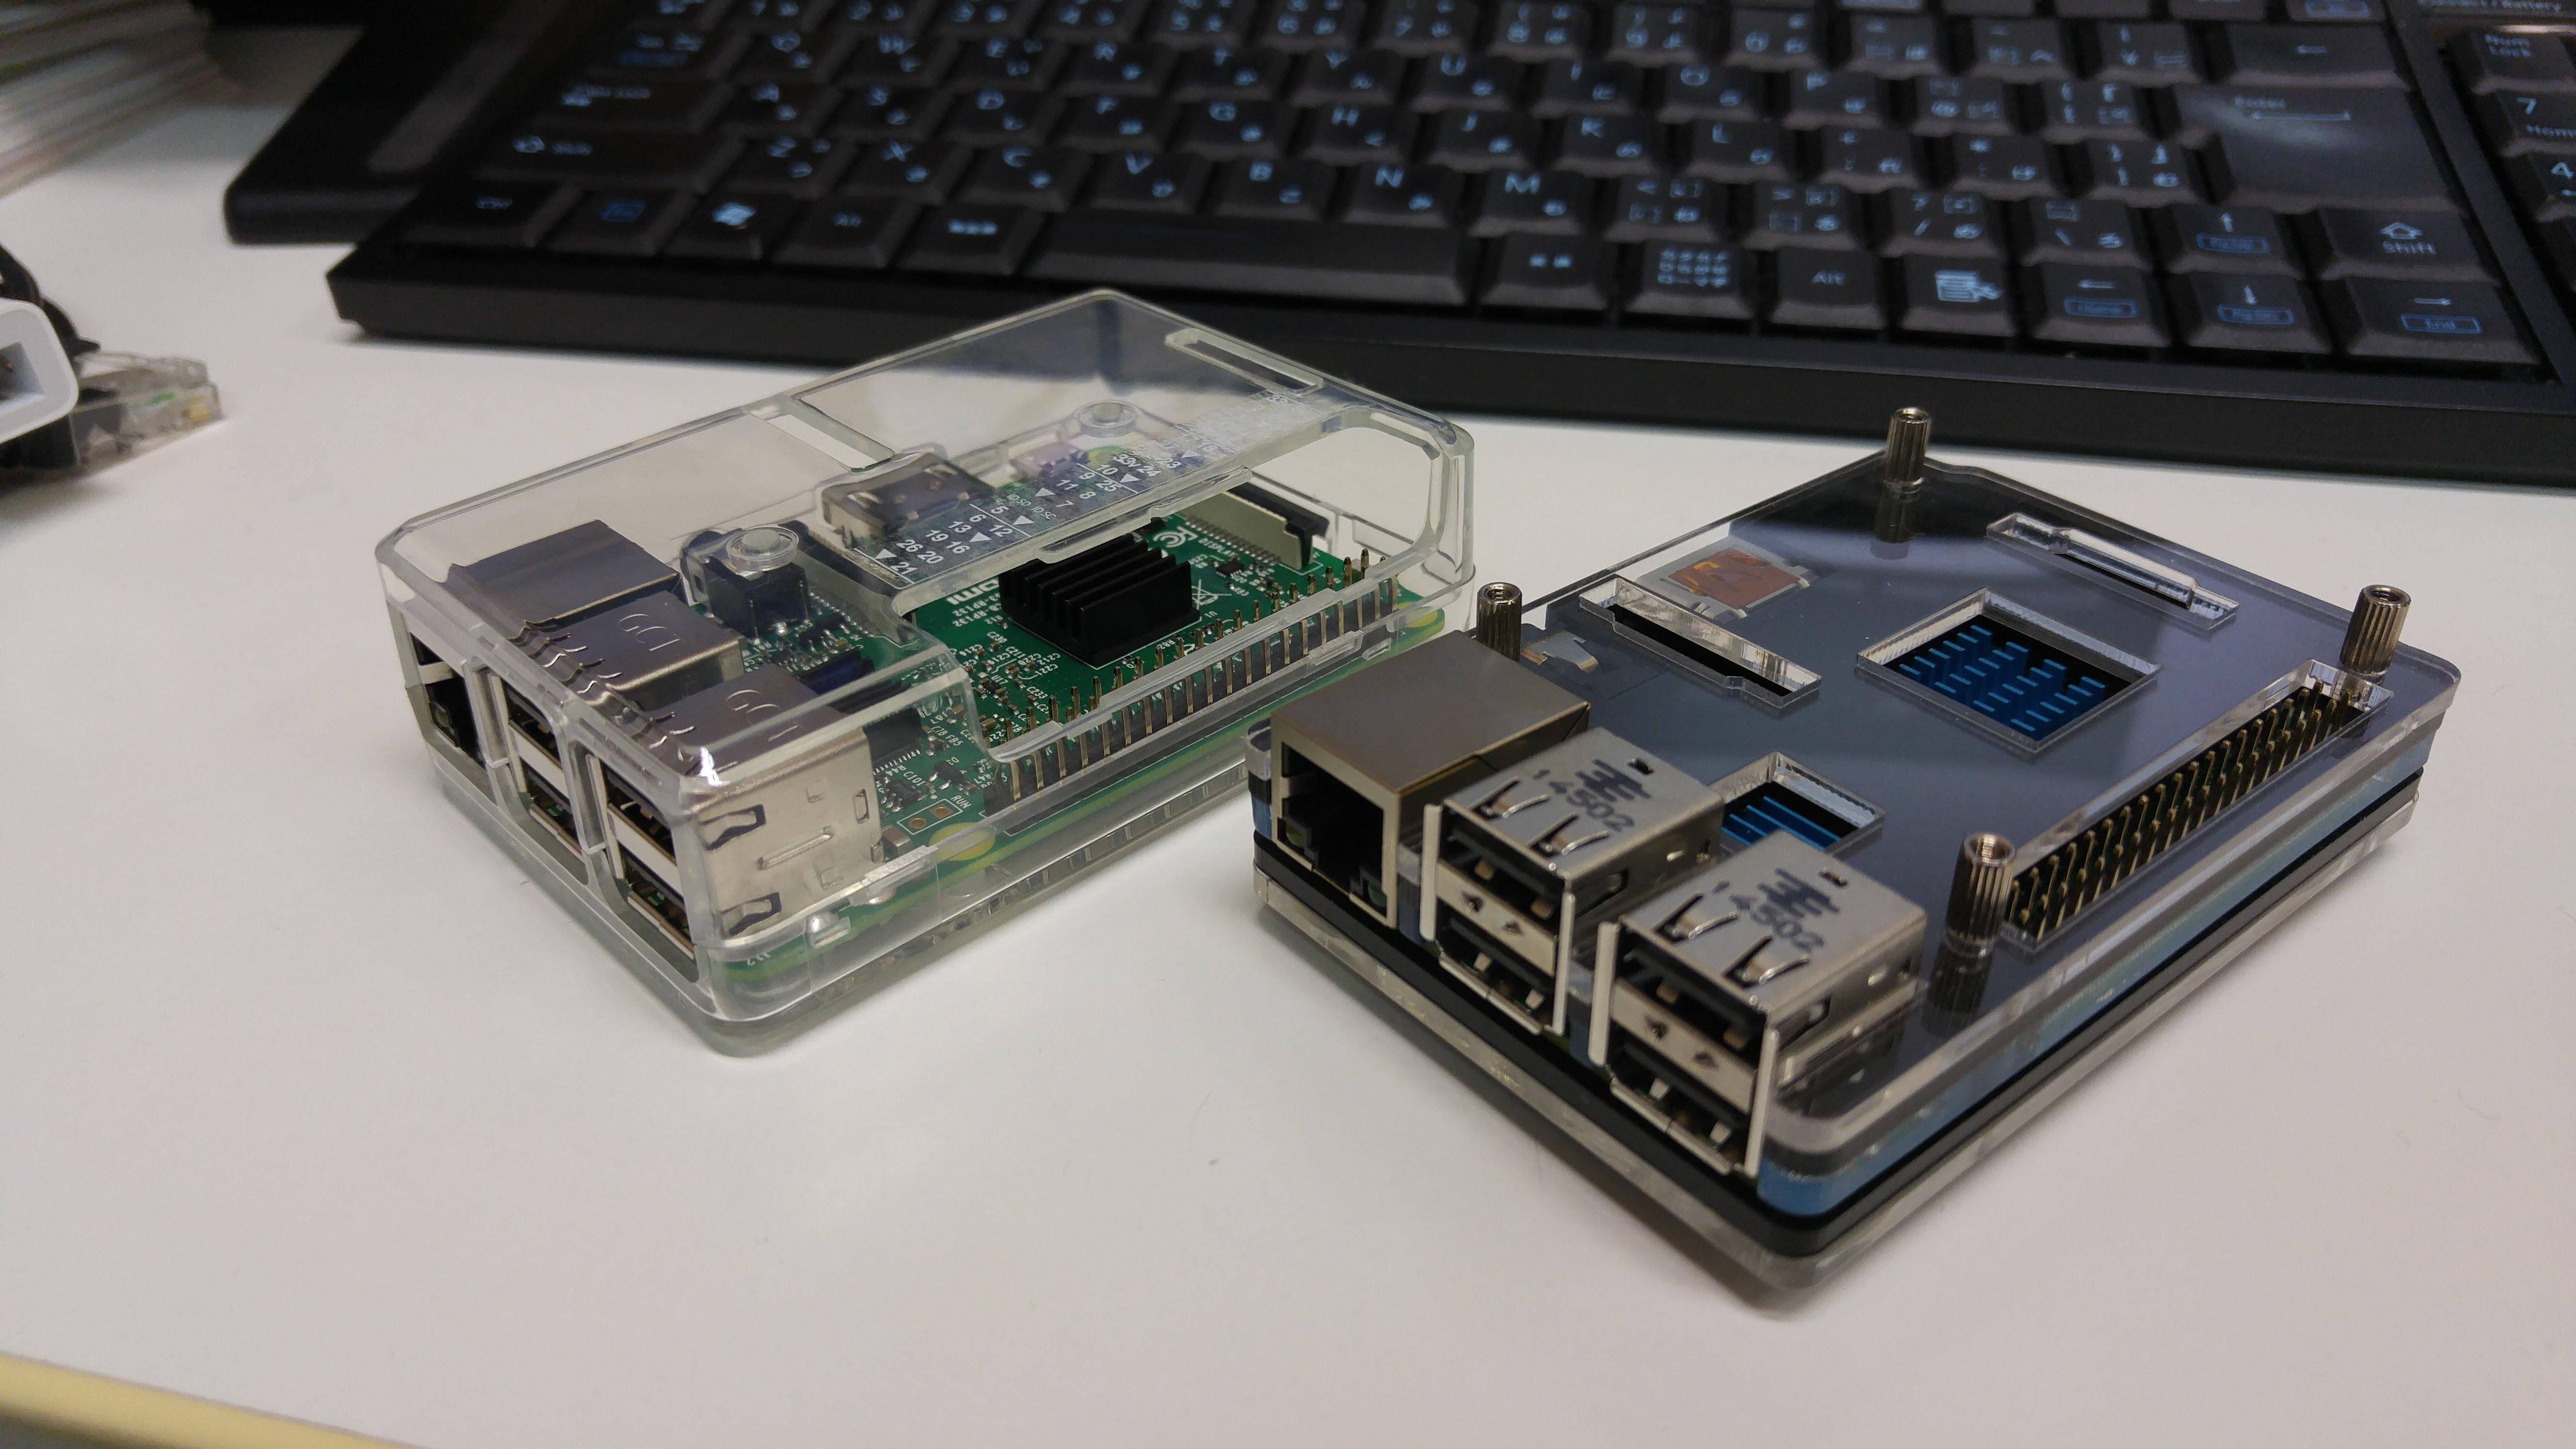 Macを使ったRaspberry Pi 3 model Bの初期設定まとめ